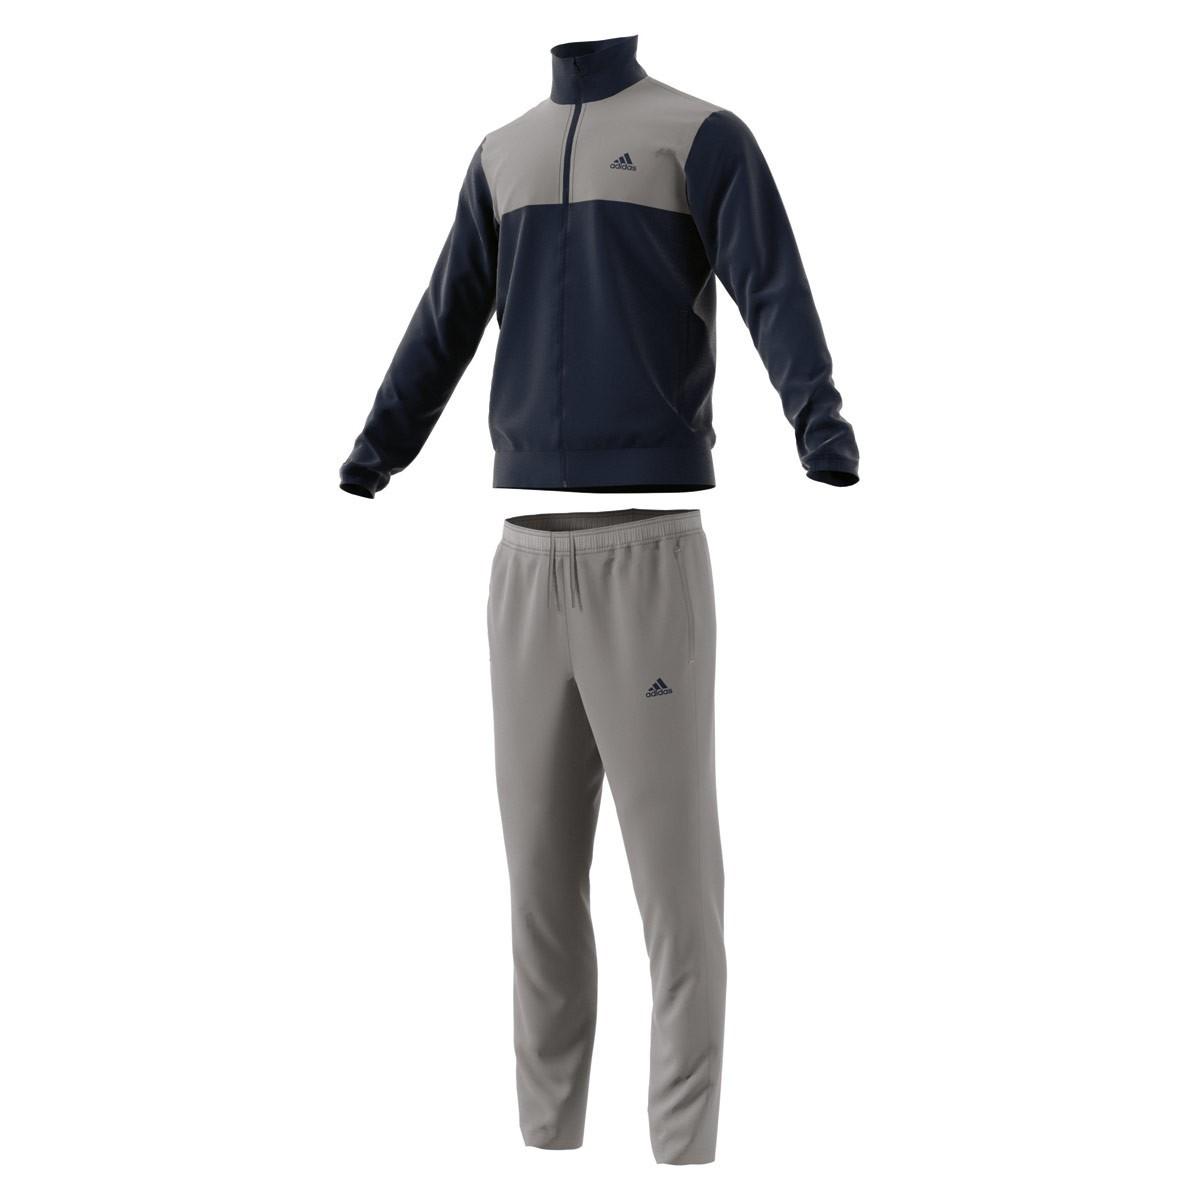 ec8299c1f4 Agasalho Adidas Masculino Back 2 Basics